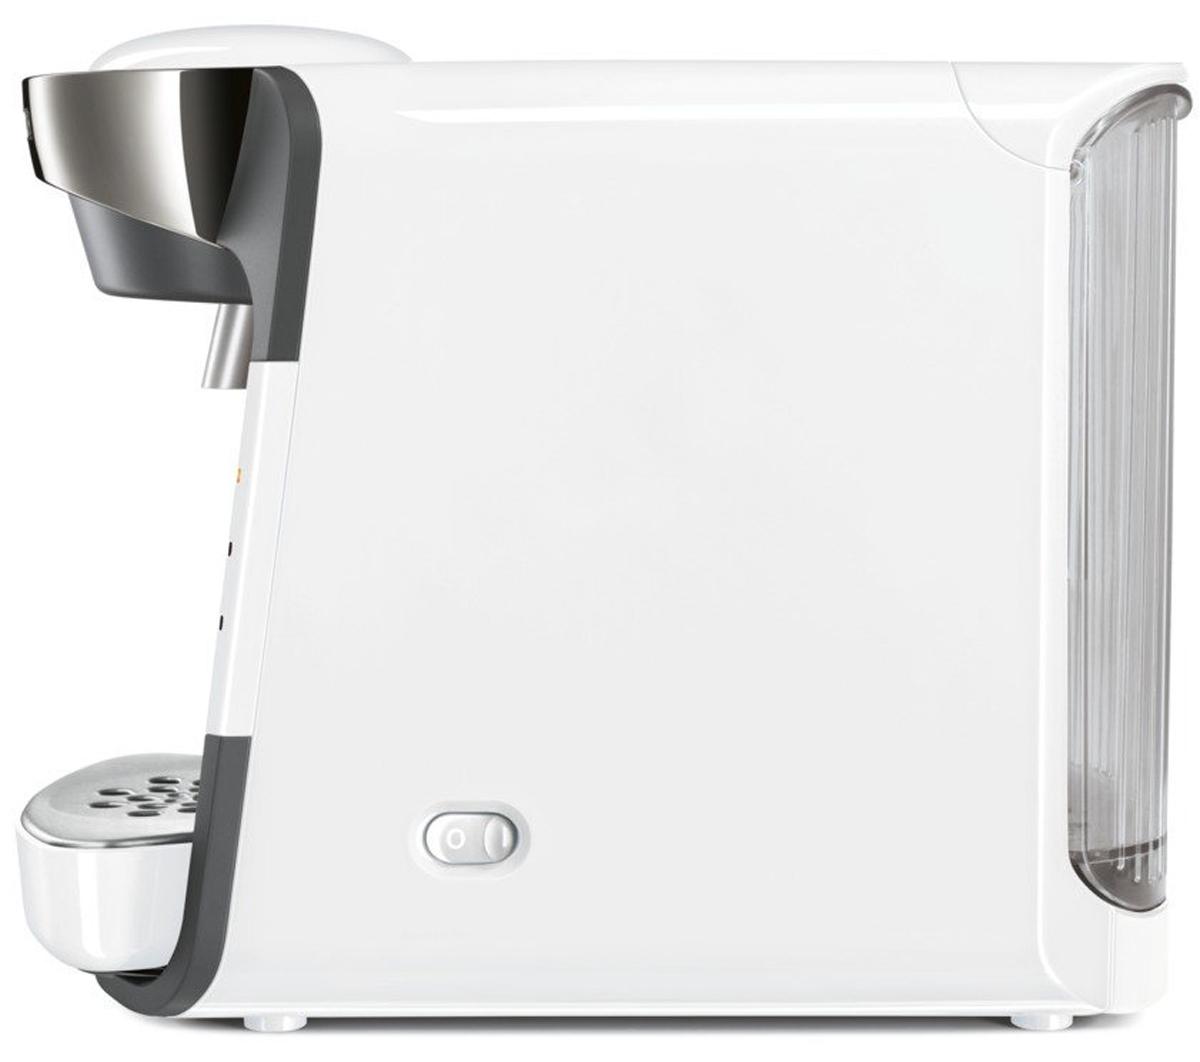 Кофеварка Bosch TAS3204, White Bosch GmbH